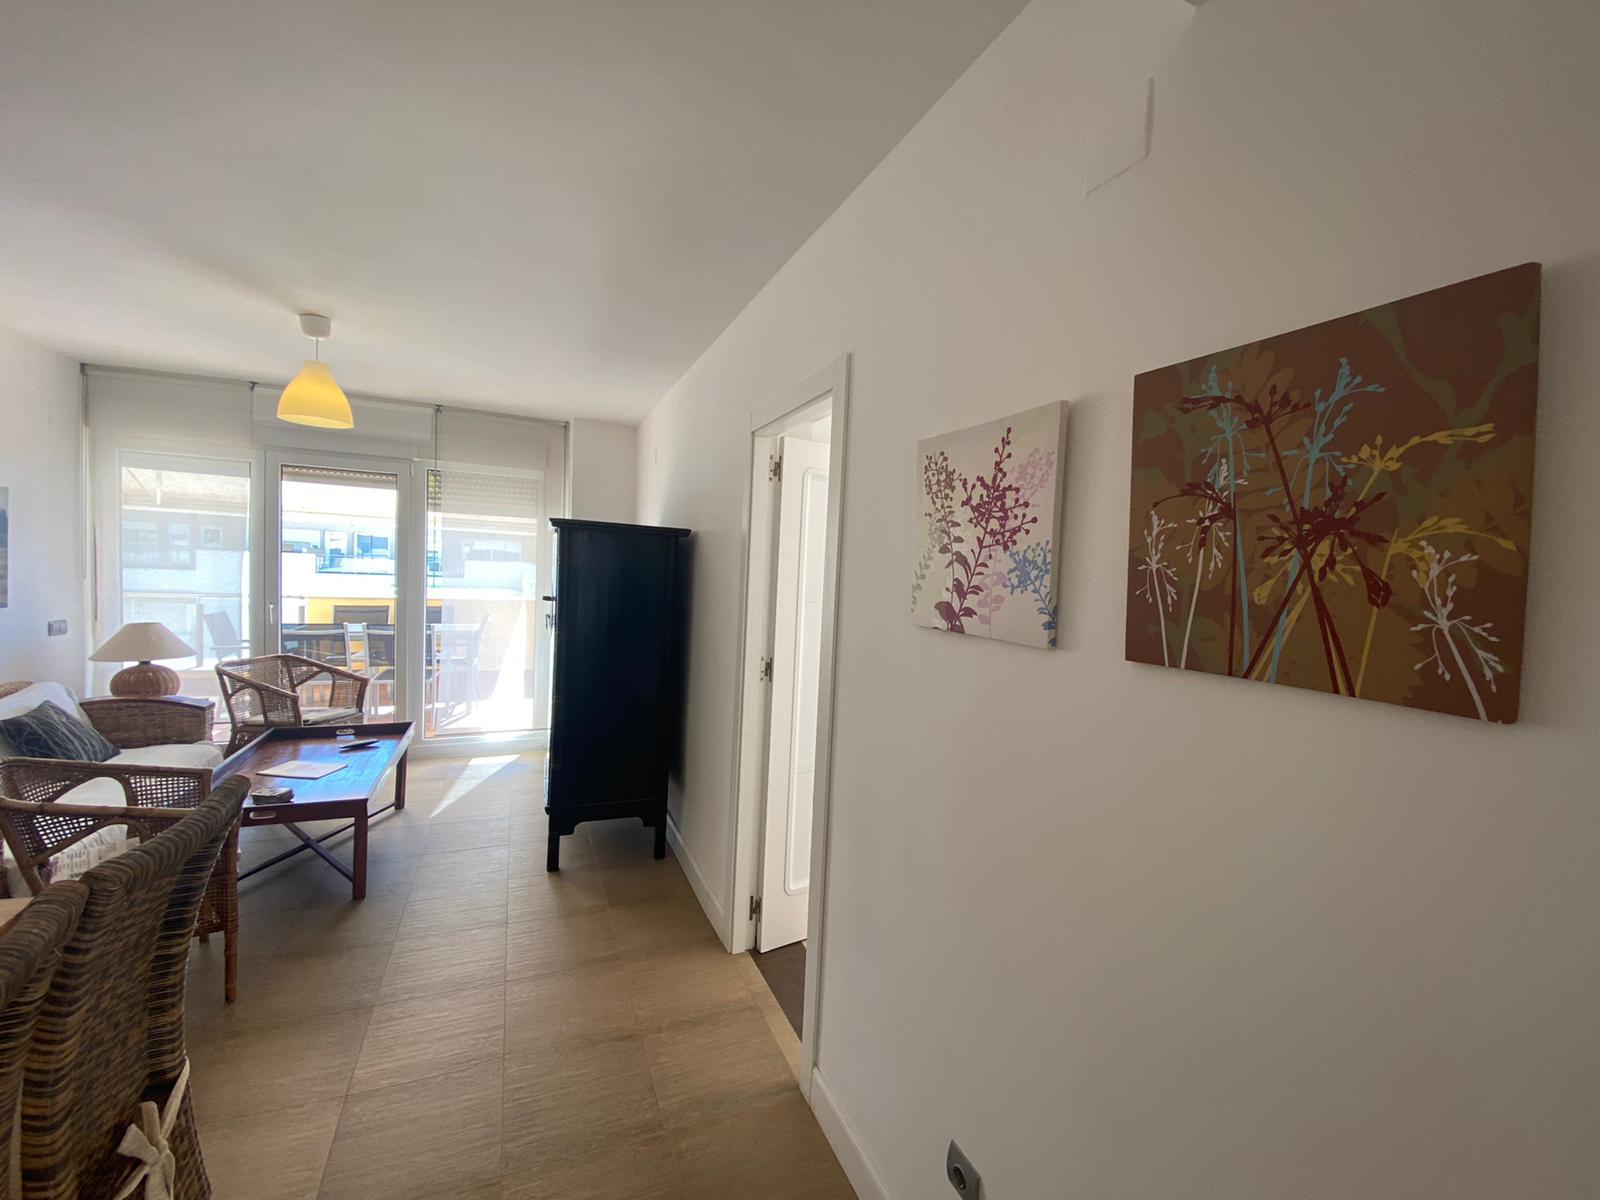 Imagen 25 del Apartamento Turístico, Ático 8 Central (3d+2b), Punta del Moral (HUELVA), Paseo de la Cruz nº22